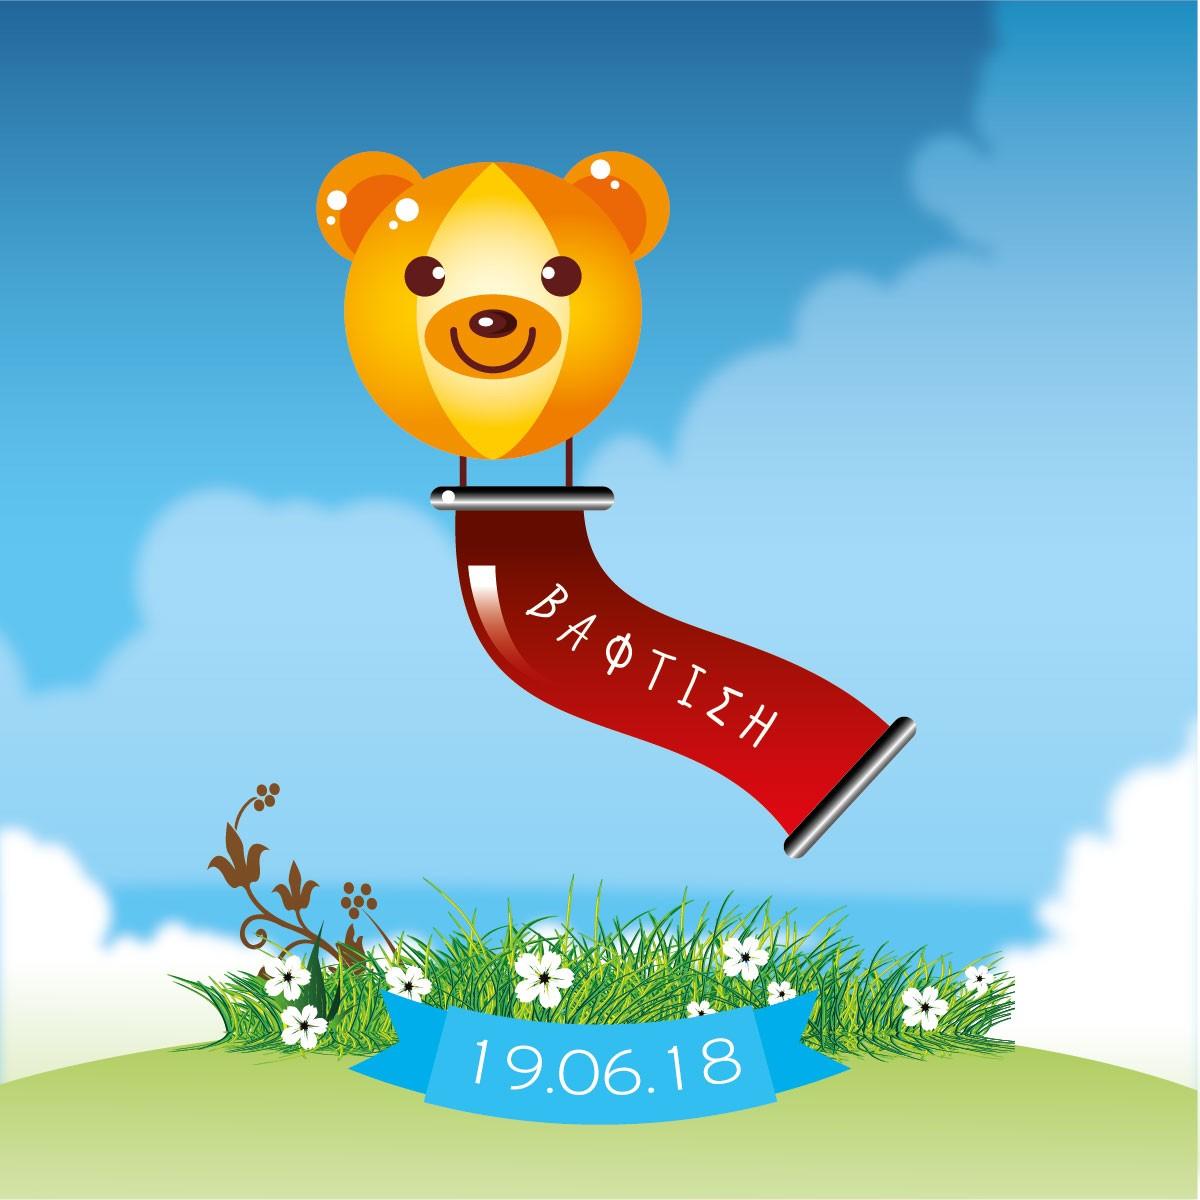 Αρκουδάκι στον ουρανό